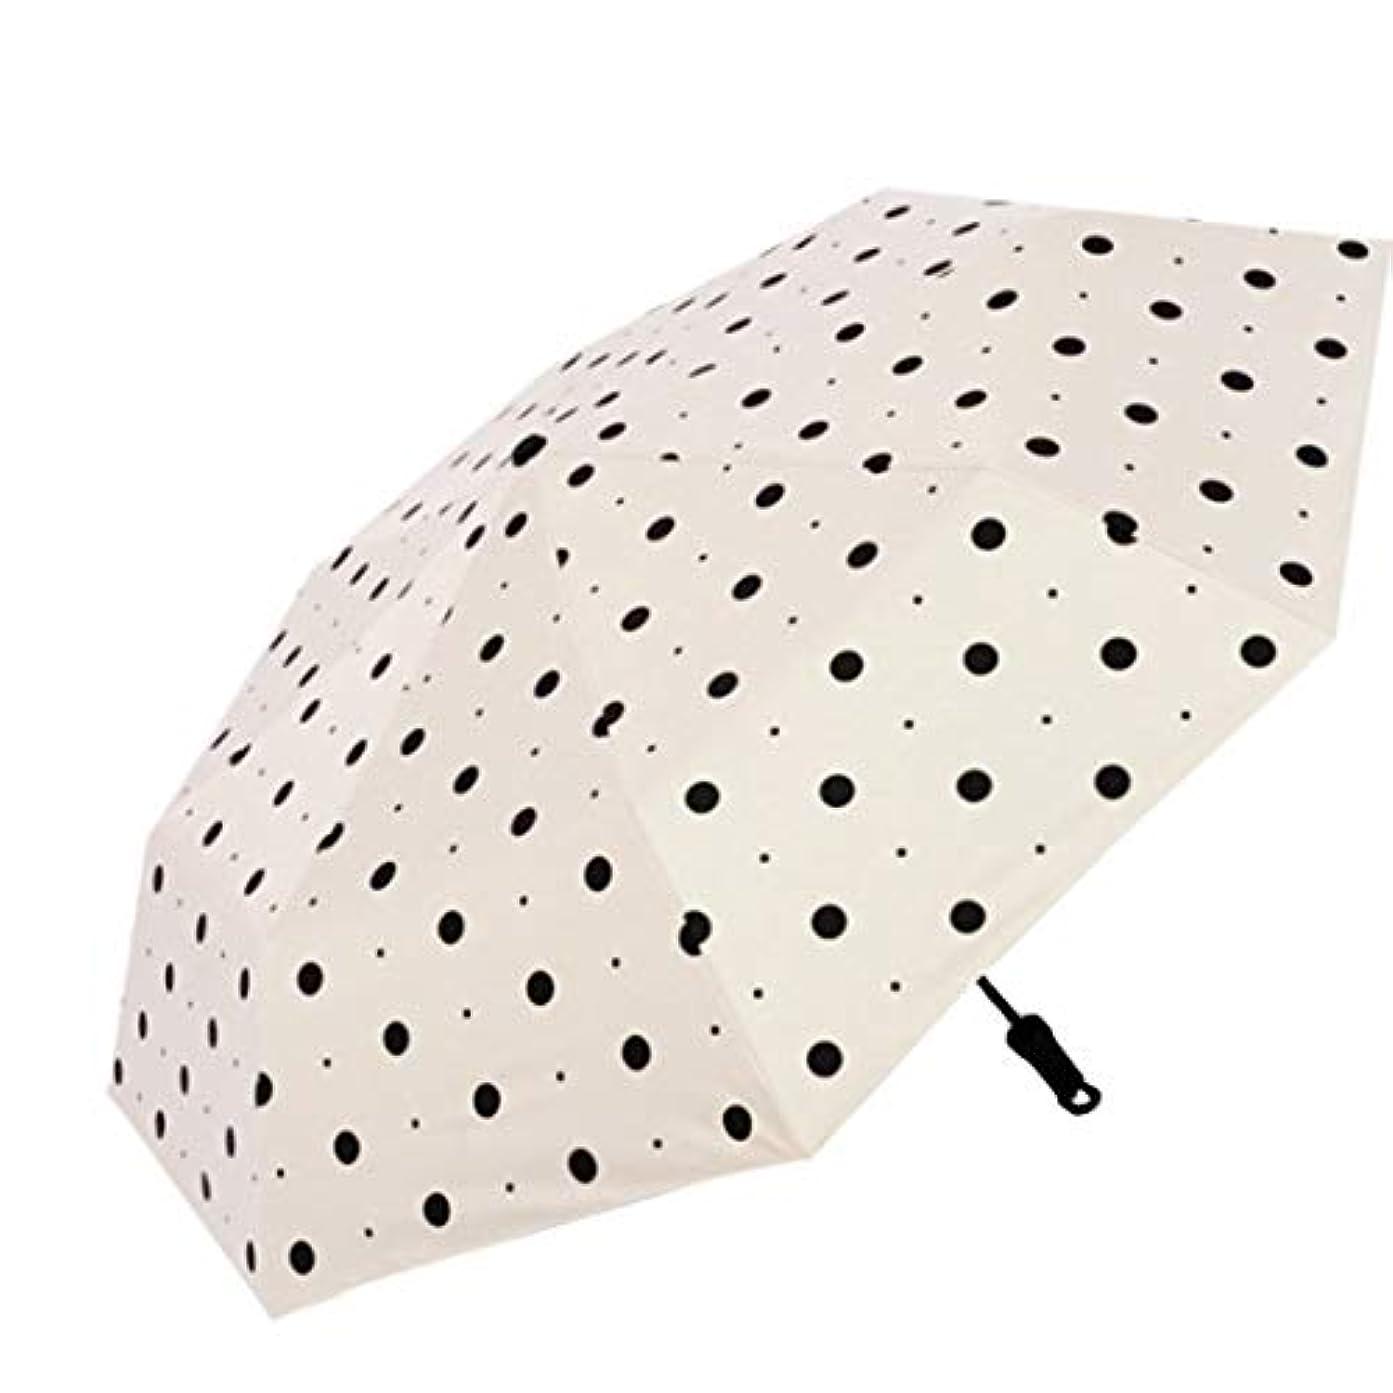 ハング罪悪感中断Summerys 逆さにされた傘、傘防風、紫外線保護を持つ女性のための傘女性の雨と雨の兼用日よけ紫外線保護日焼け止め太陽三つ折り傘